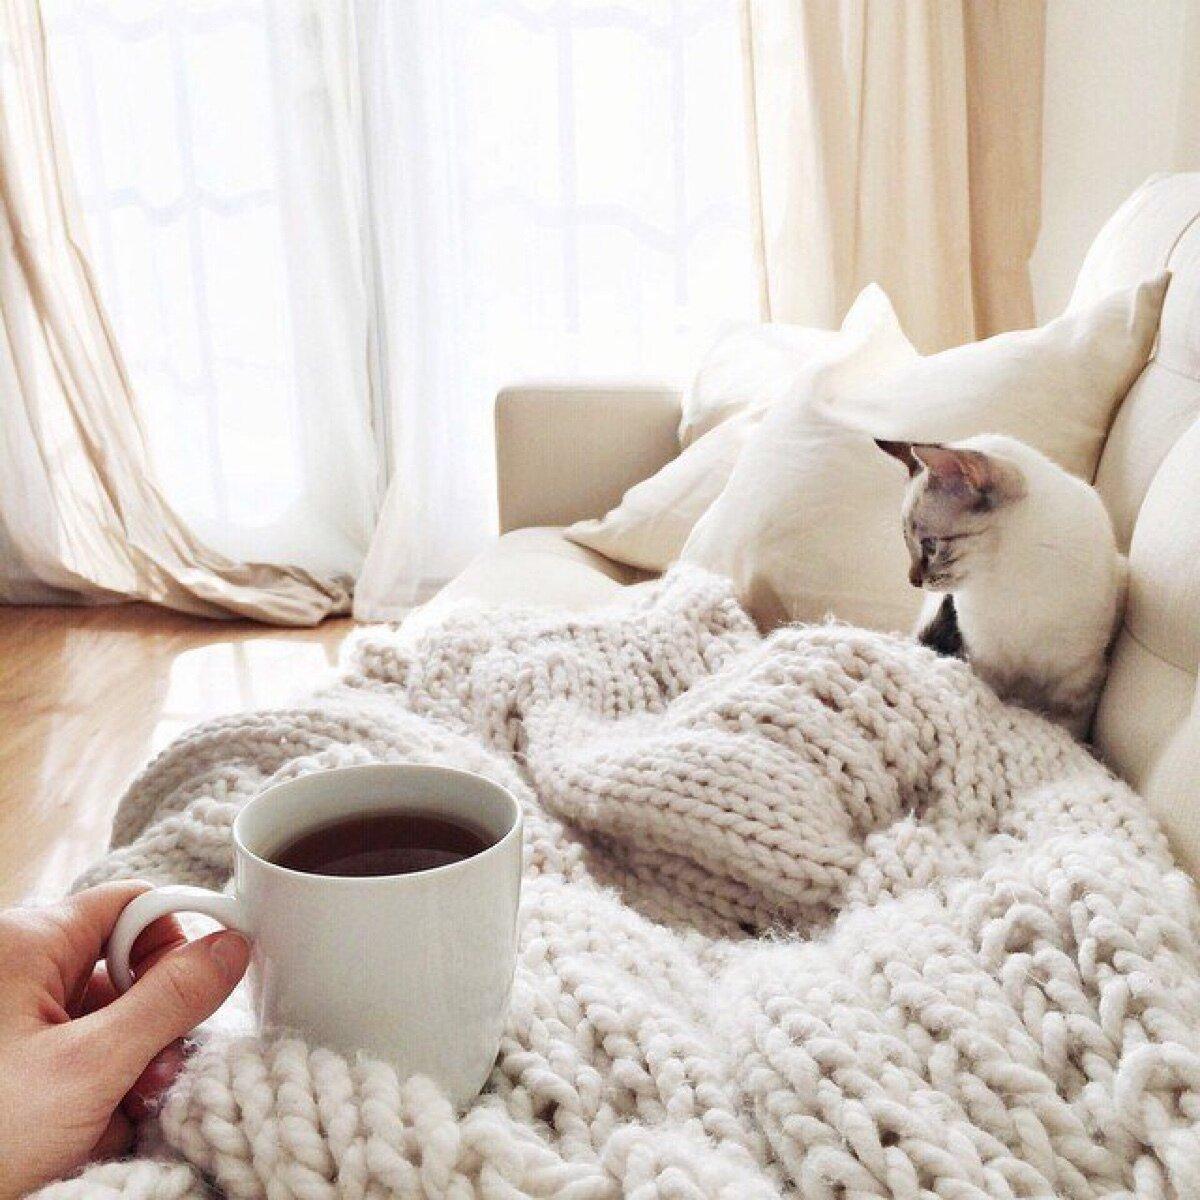 картинки с добрым утром под одеялом находиться